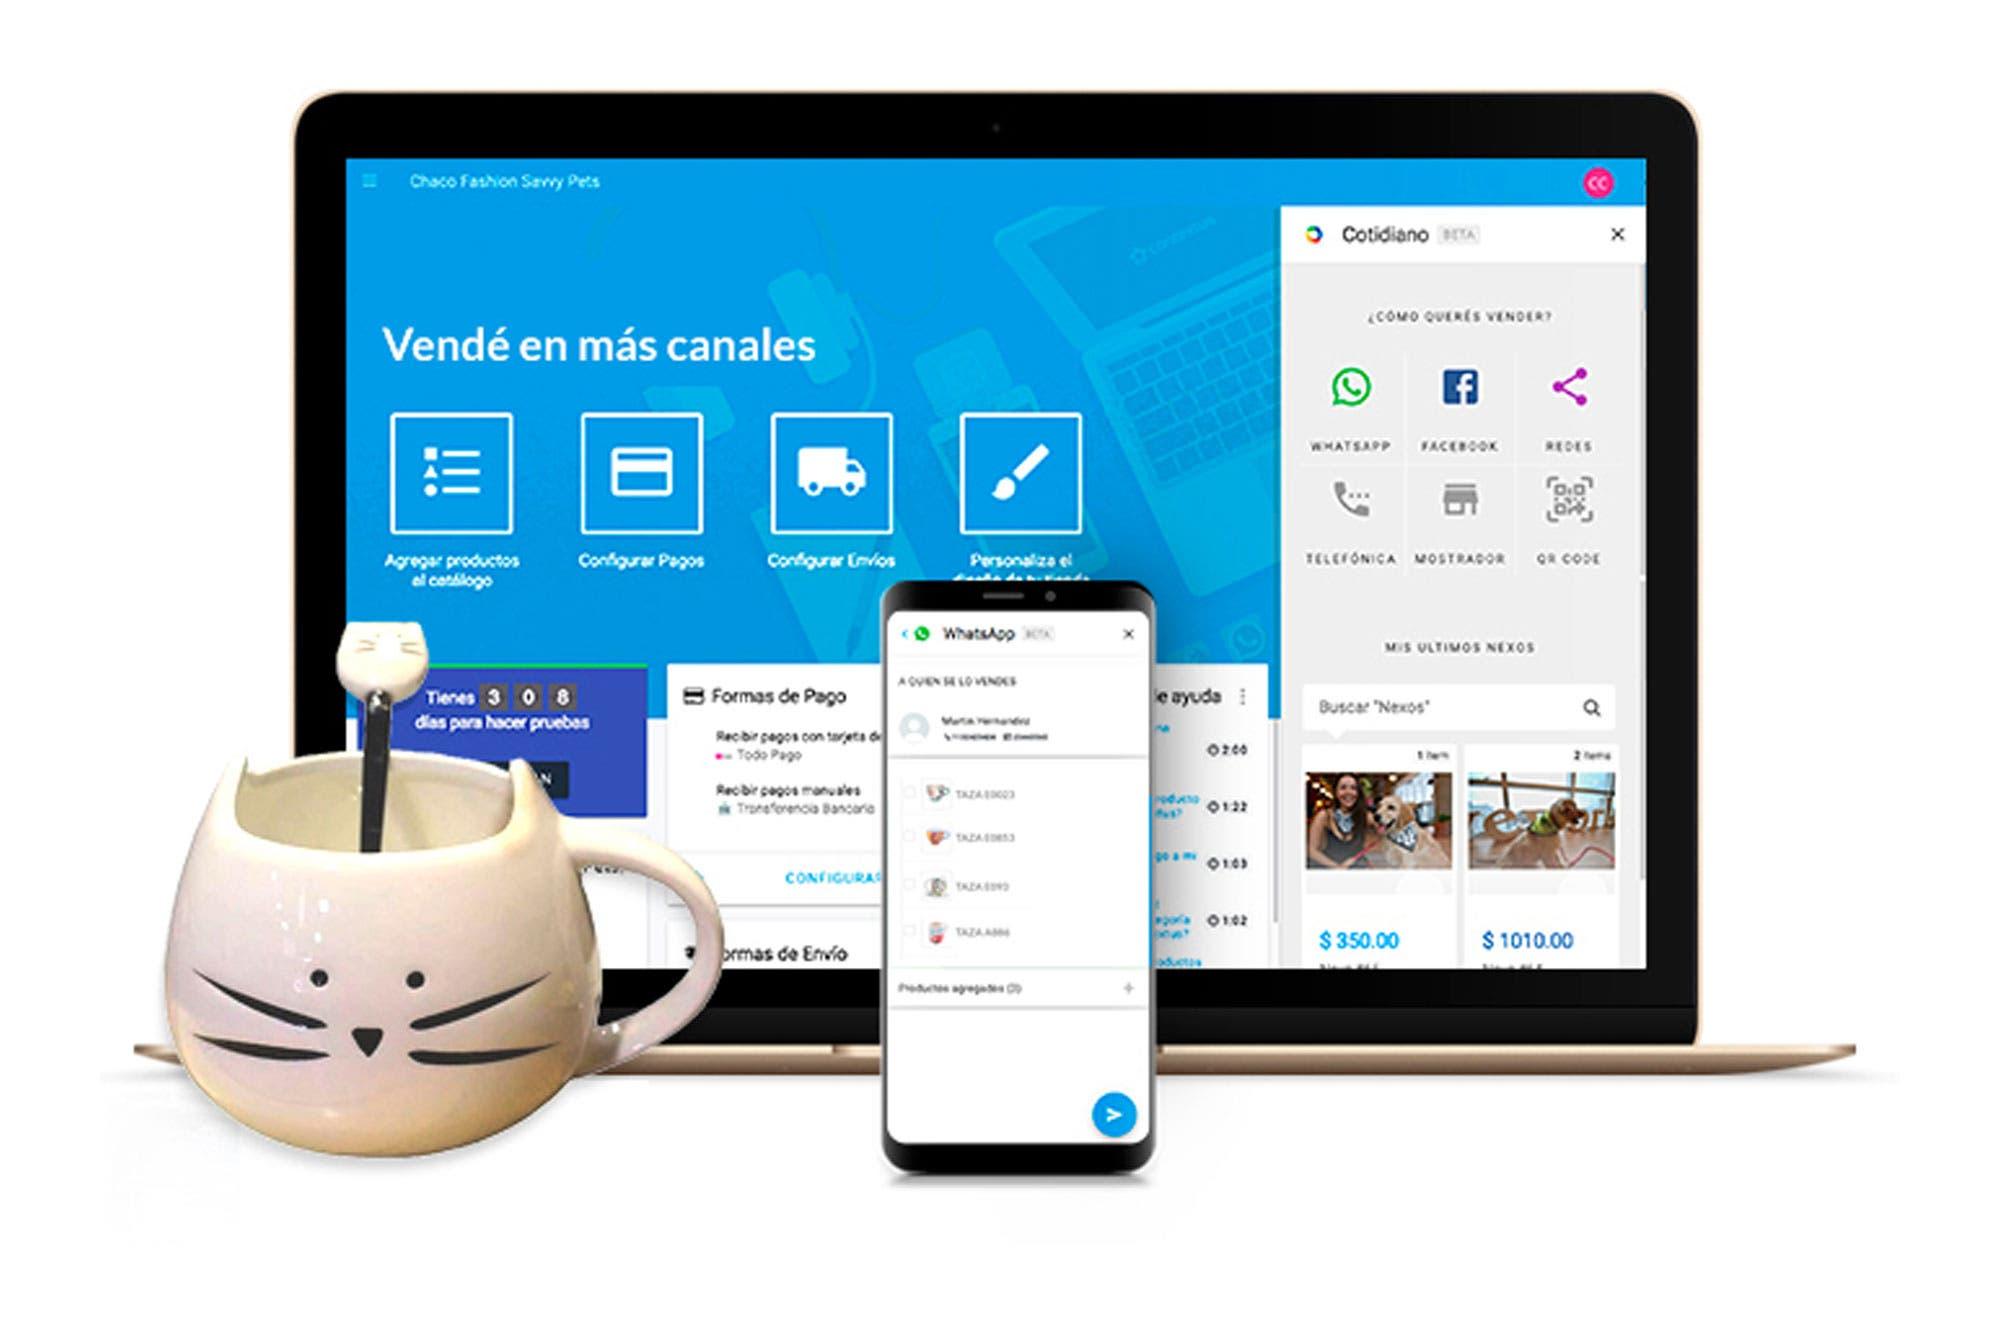 Personal lanza Mi Negocio Personal, su servicio de tienda online para emprendedores y pymes